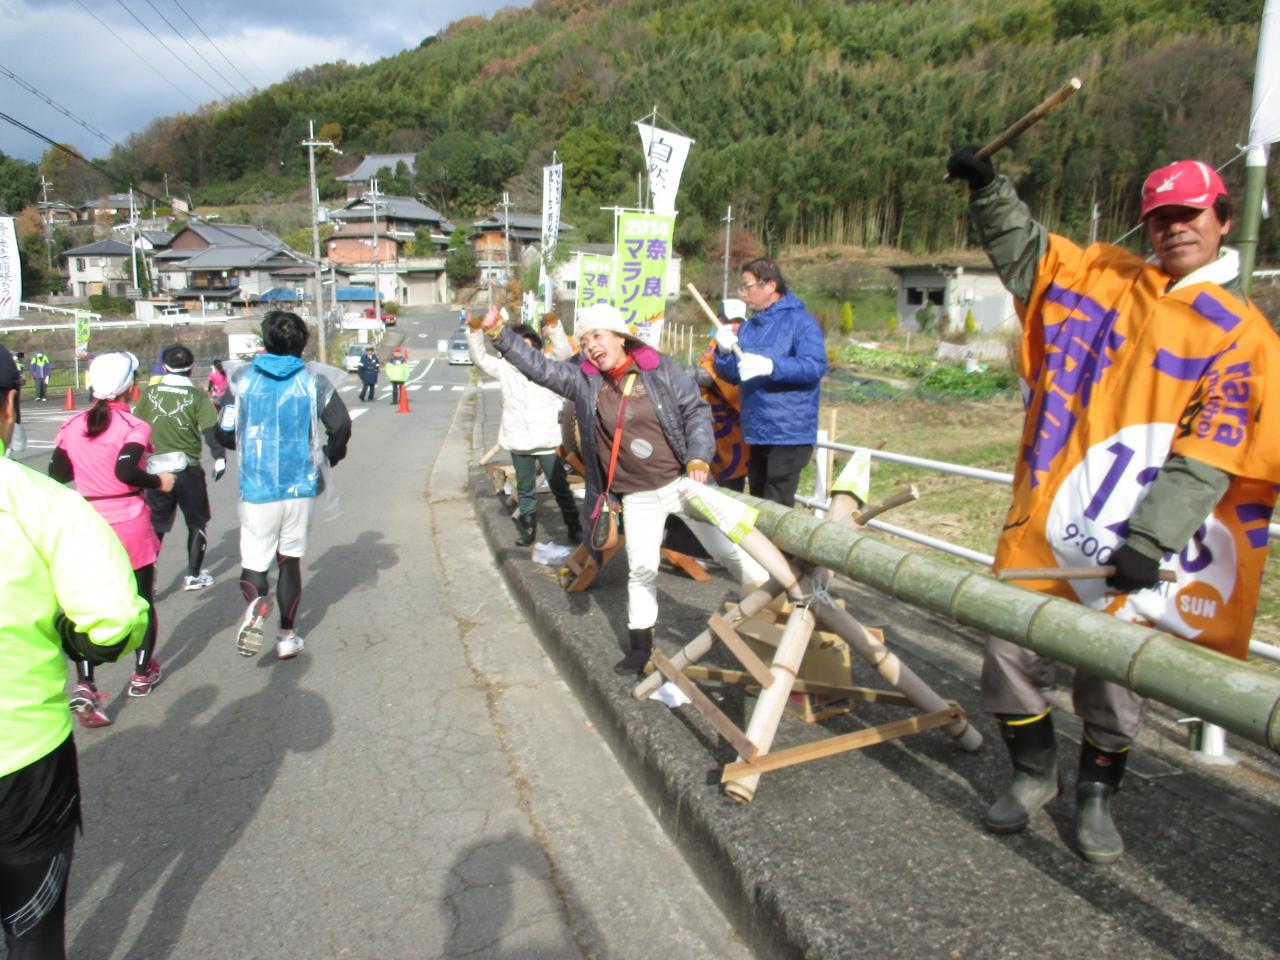 奈良マラソン2014 アップダウンを踏破して大和路を走る(大会当日編)